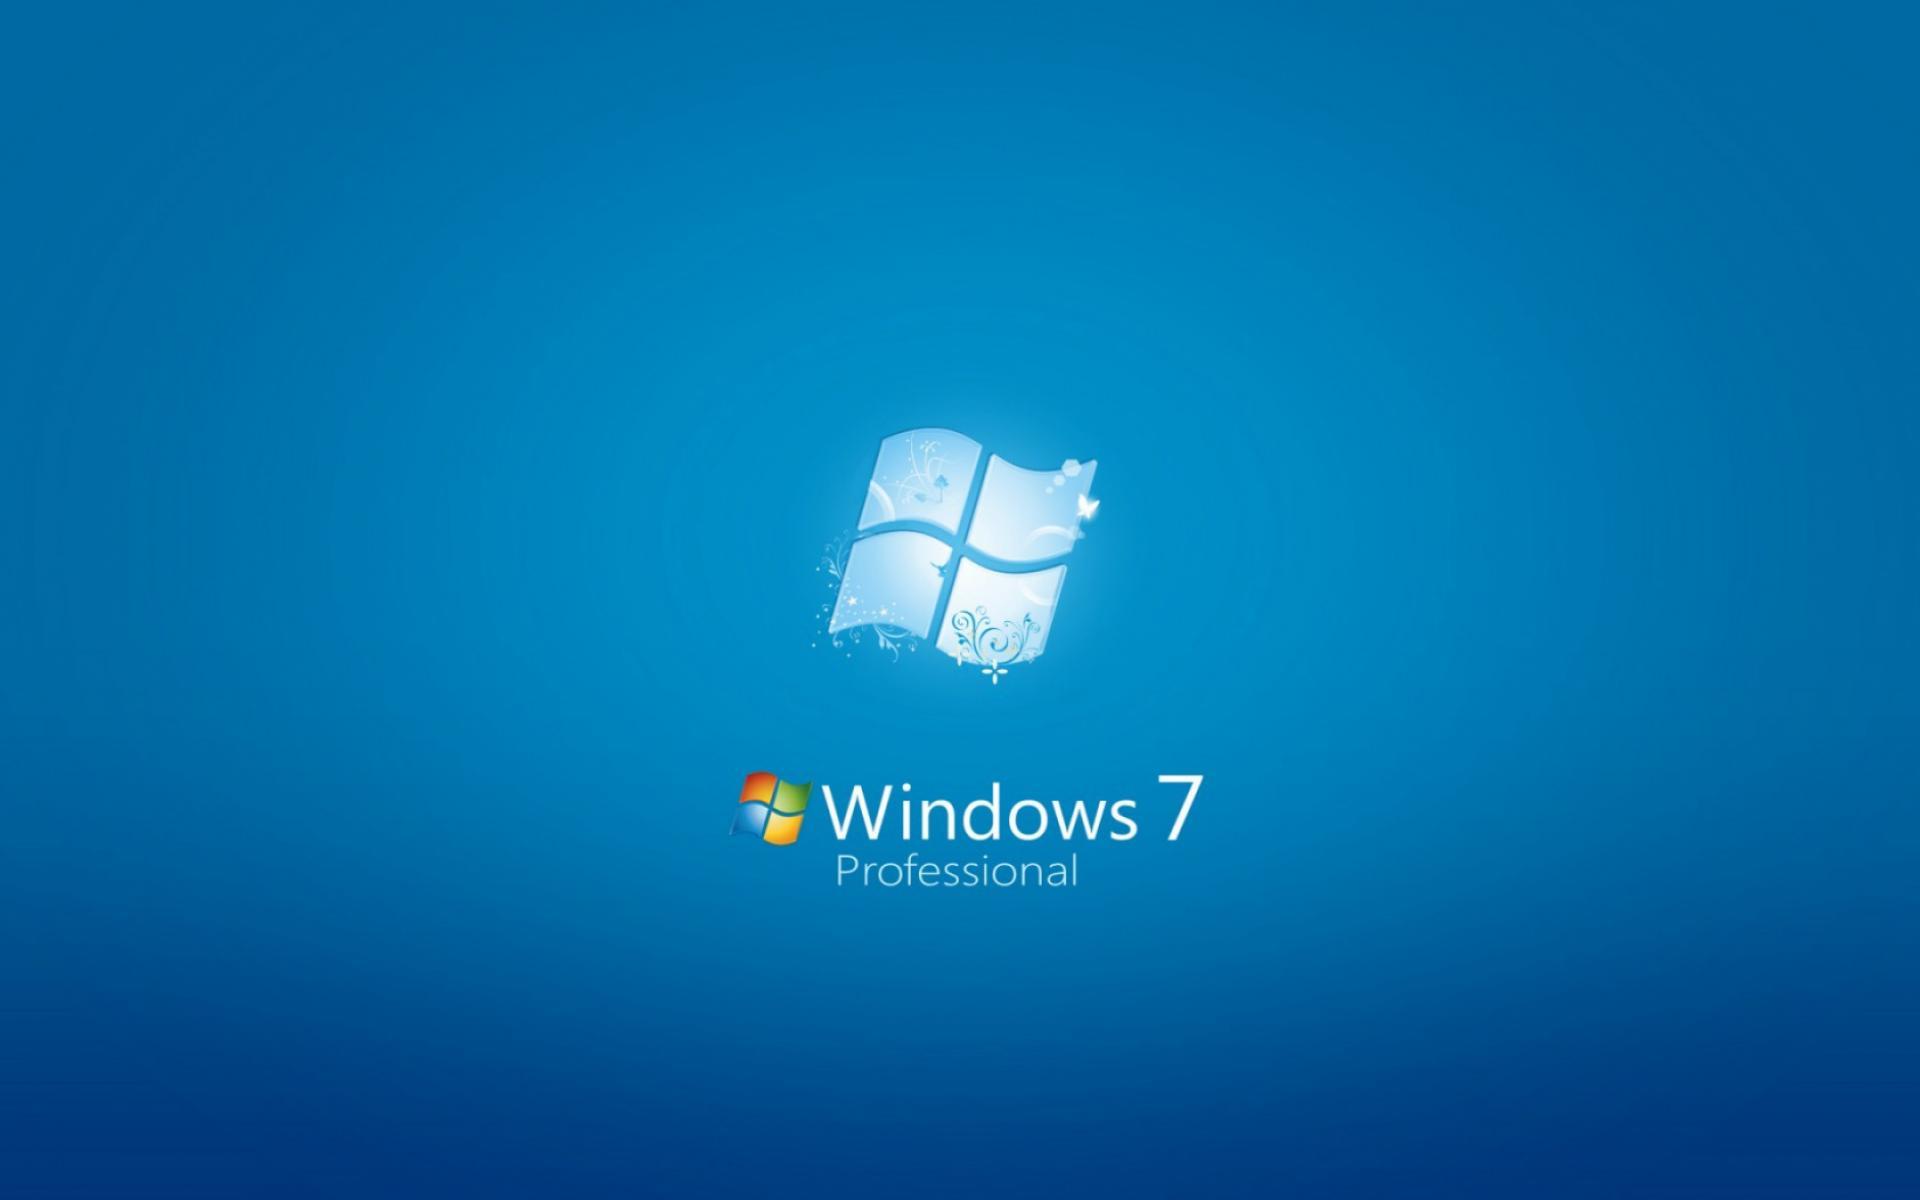 скачать стандартные игры windows через торрент